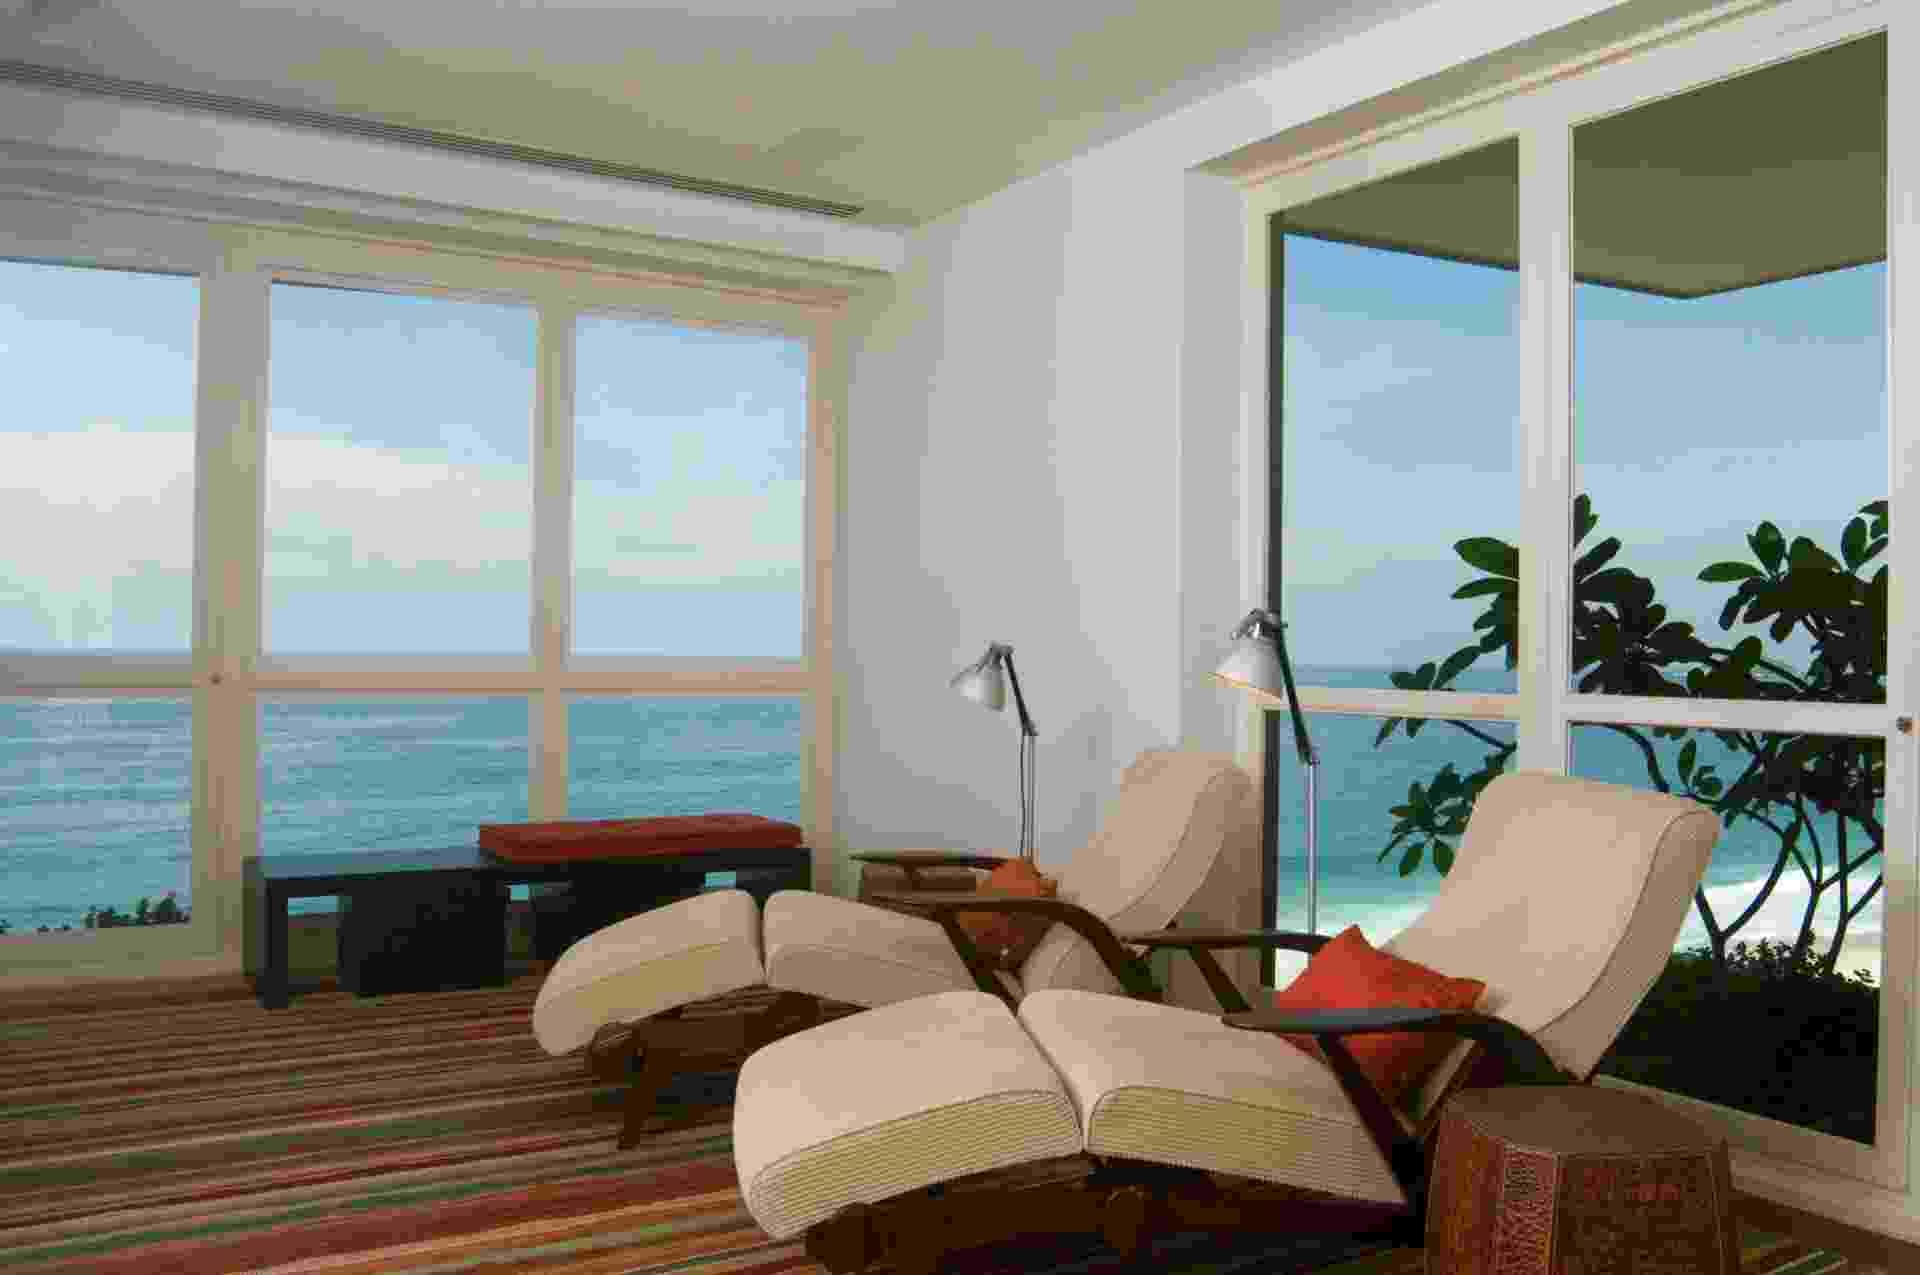 No segundo andar do apartamento dúplex, de 600 m², em São Conrado (RJ), a arquiteta Izabela Lessa transformou a sala íntima, anexa à suíte do casal, em um espaço de leitura e relaxamento, com poltronas (Etel) do tipo espreguiçadeira. Com uma fachada de vidro, o ambiente se integra à paisagem praiana - MCA Estúdio/ Divulgação